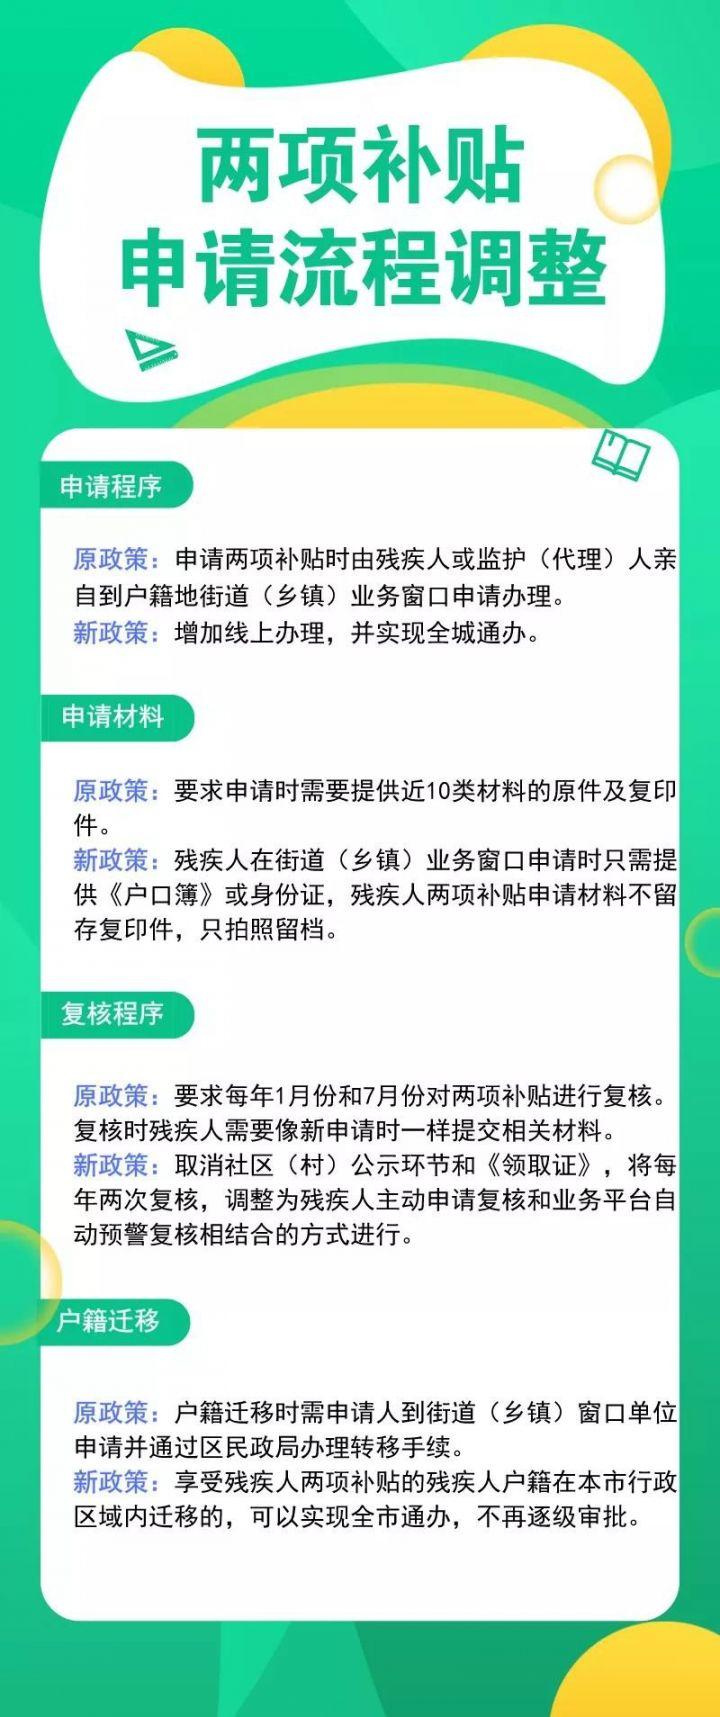 北京残疾人两项补贴2020年起可网上申请全城通办